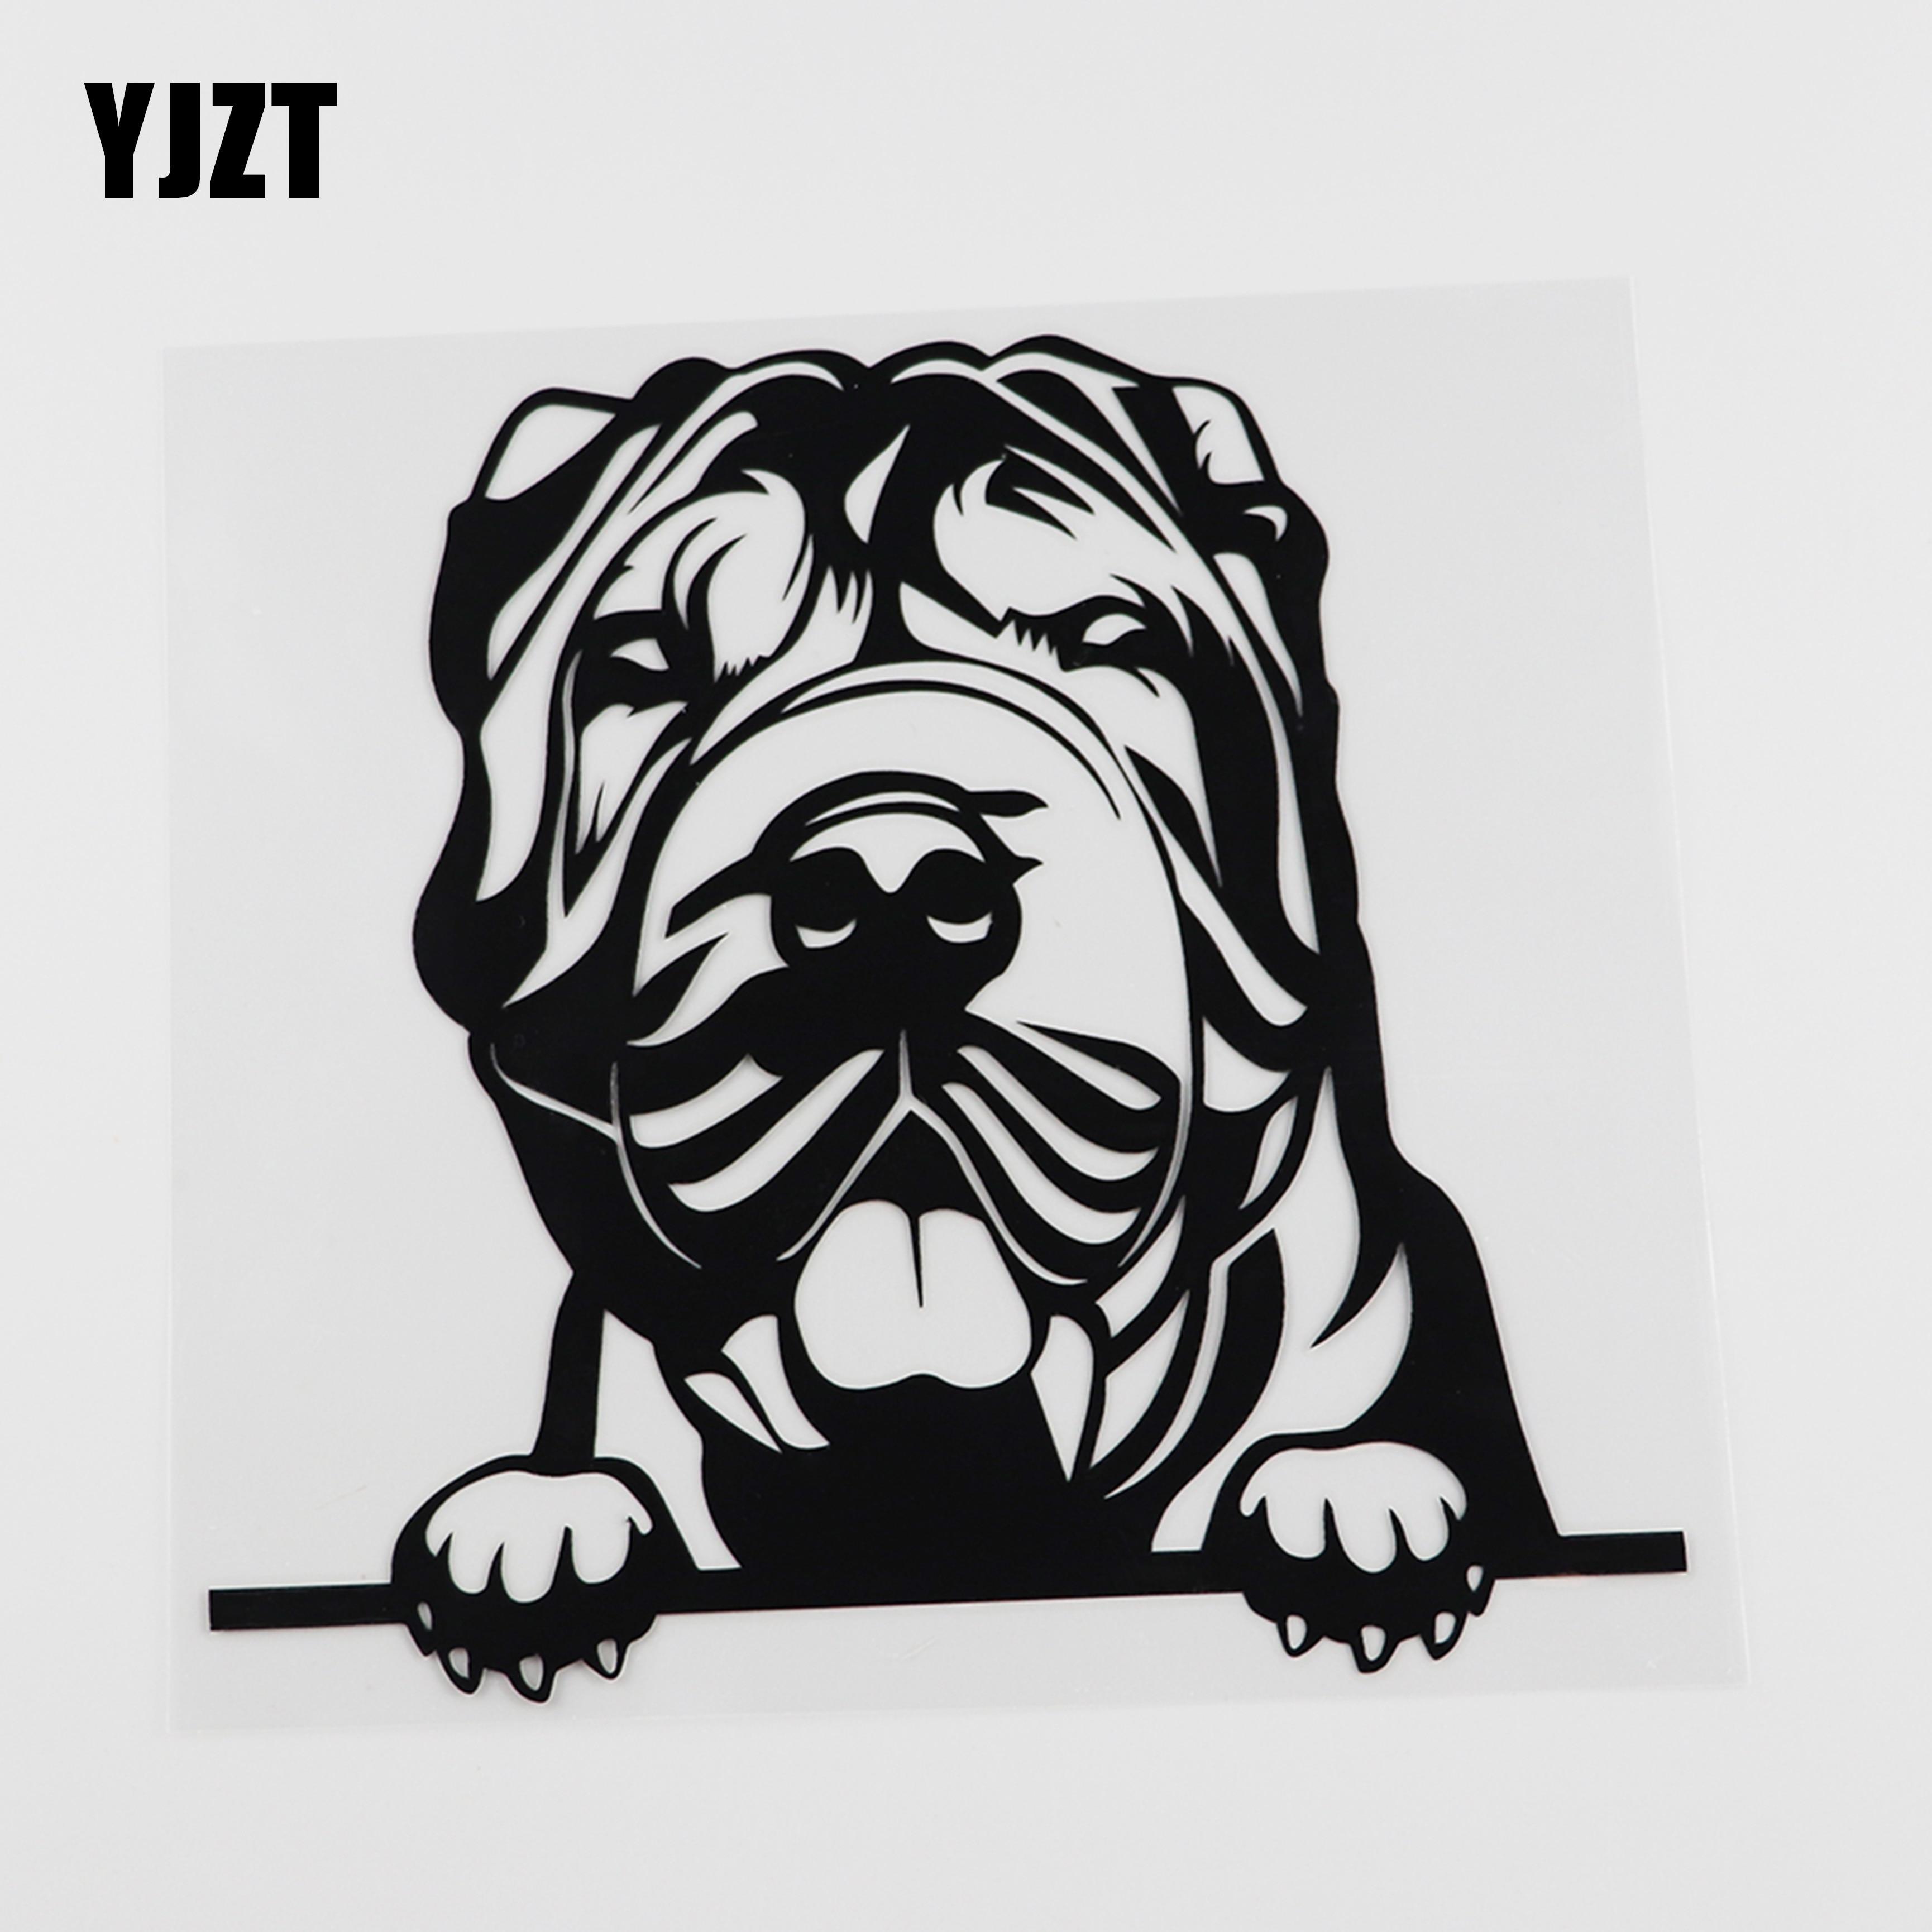 Стикер для автомобиля YJZT, 17,5 см х 15,9 см, шар пей, наклейка с собакой, винил, черный/серебристый, 8A-0046